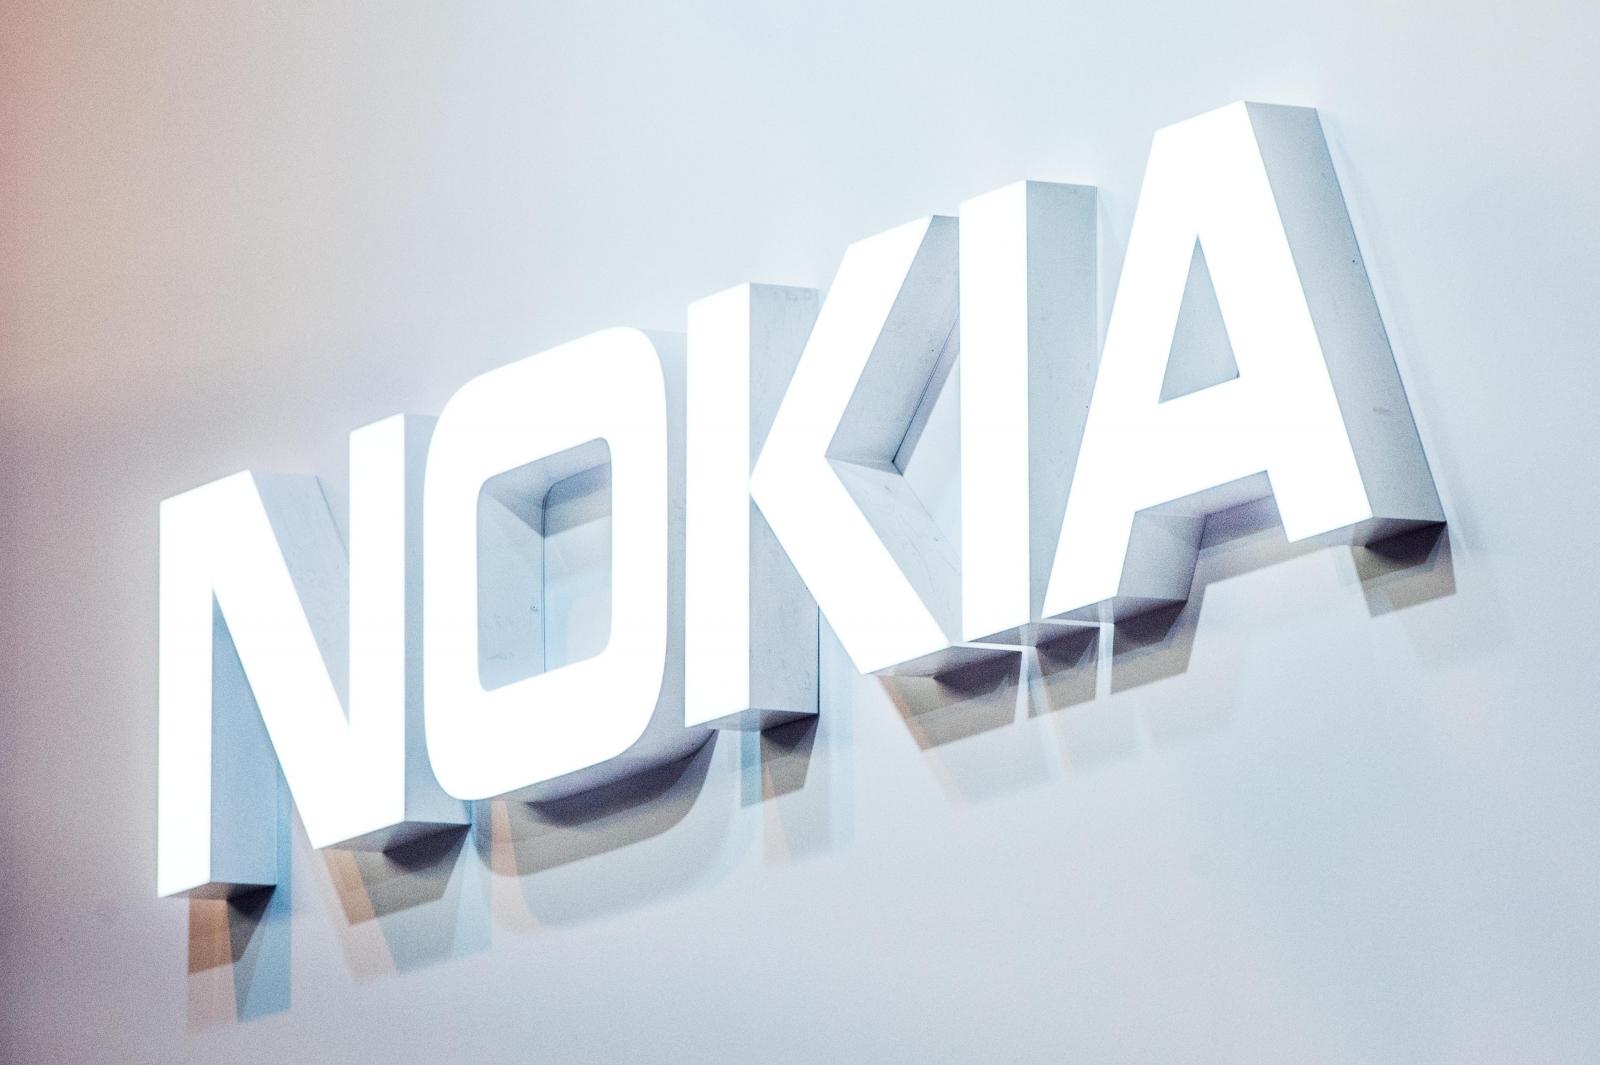 Nokia working on AI assistant Viki